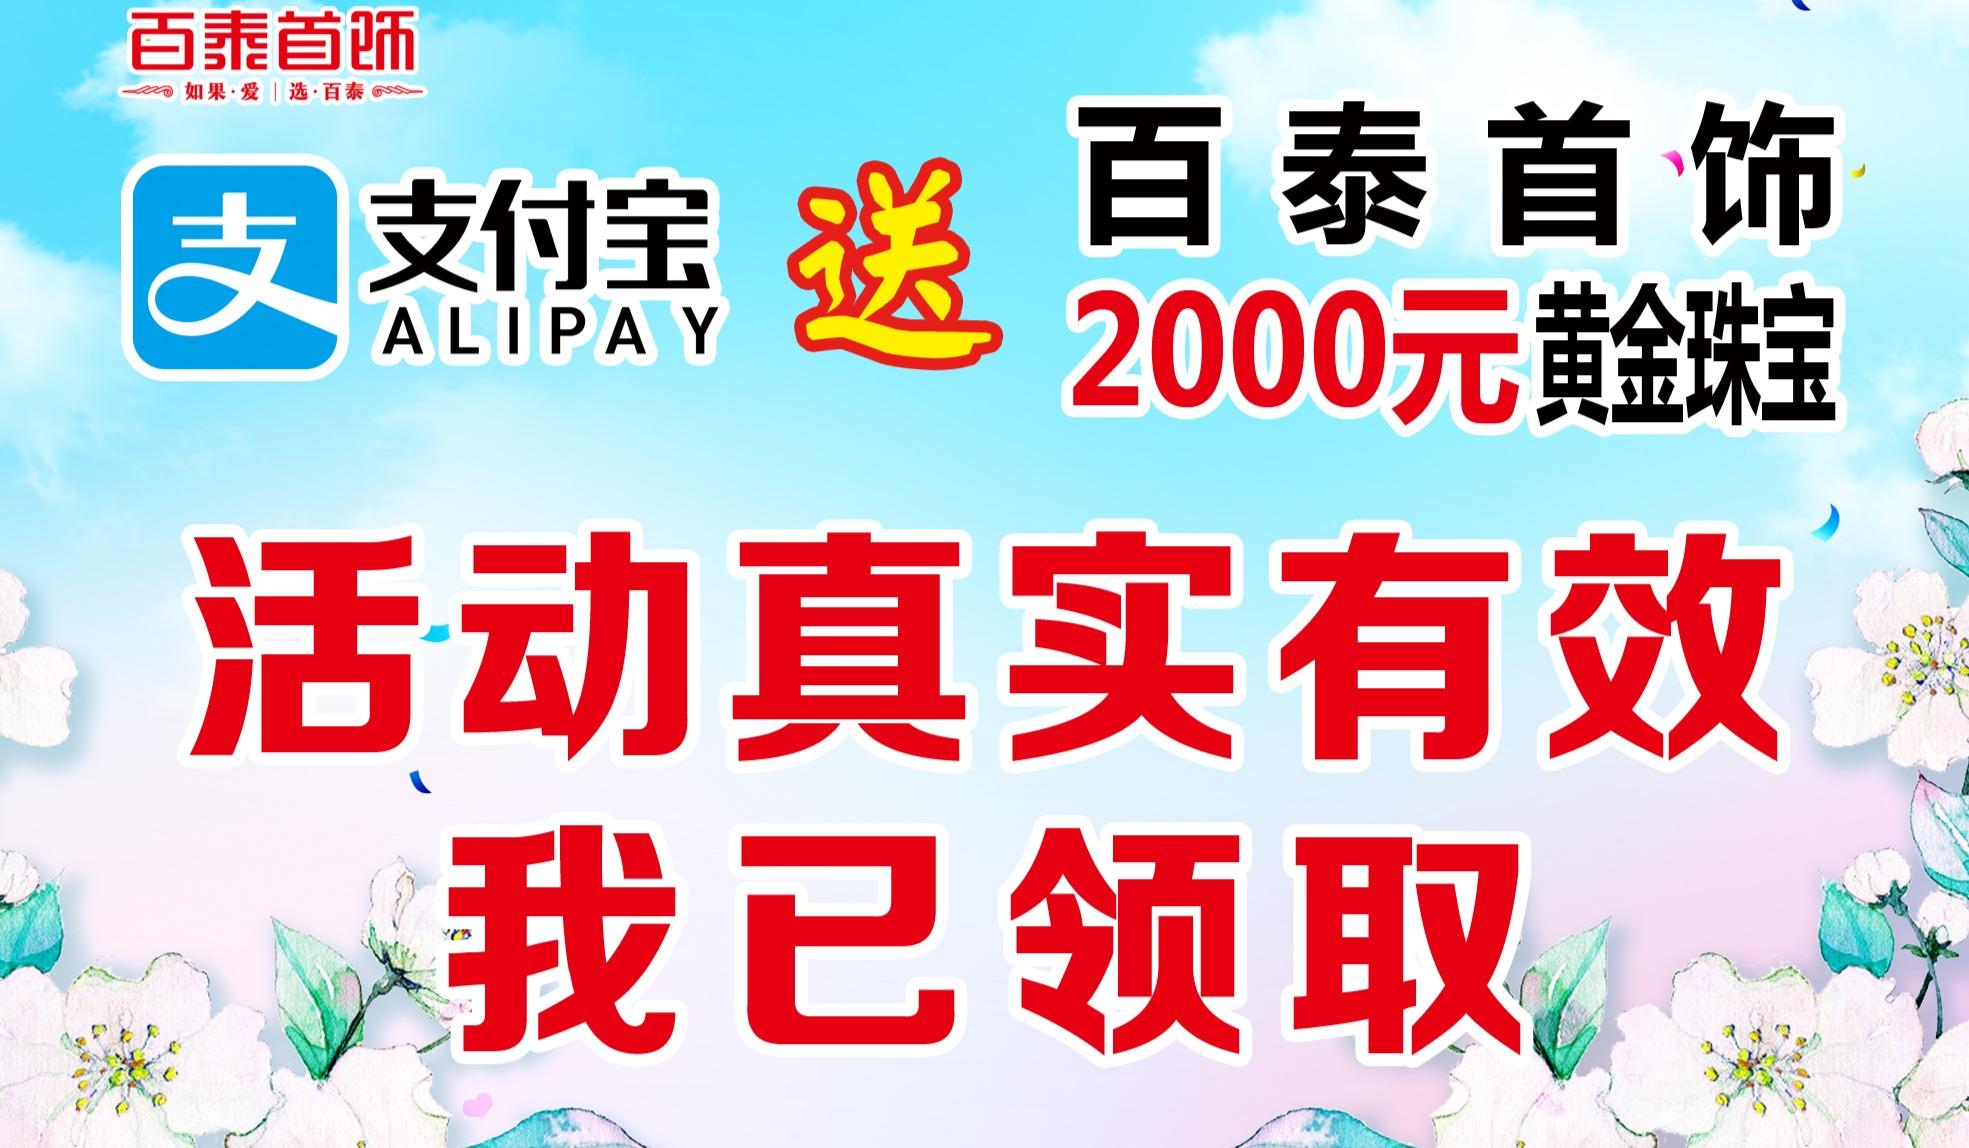 【百泰首饰】限量免费领最❤高2000元黄金珠宝首饰~先到先得~赶快报名!